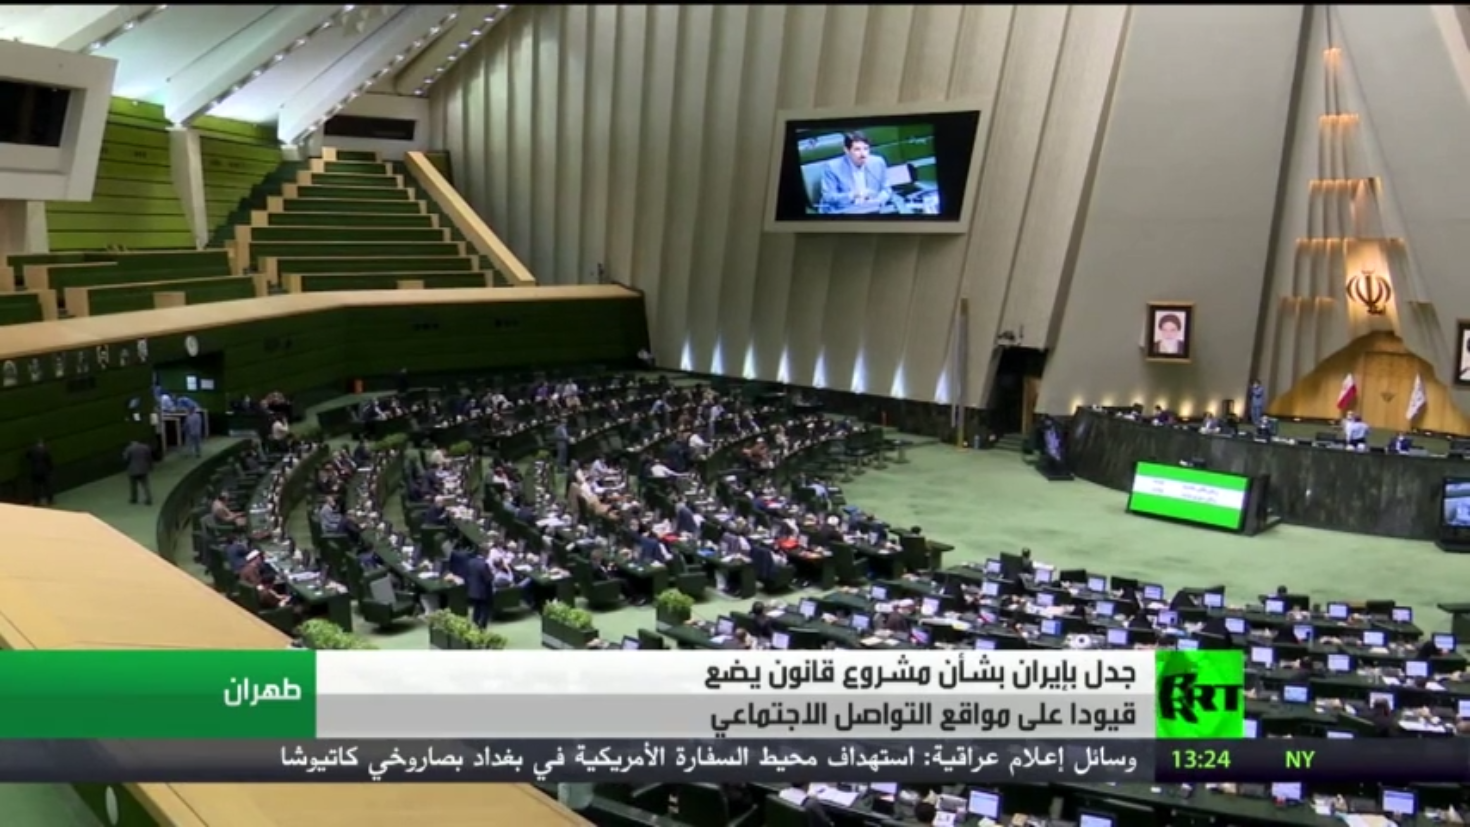 جدل بشأن تقييد المواقع الإلكترونية في إيران